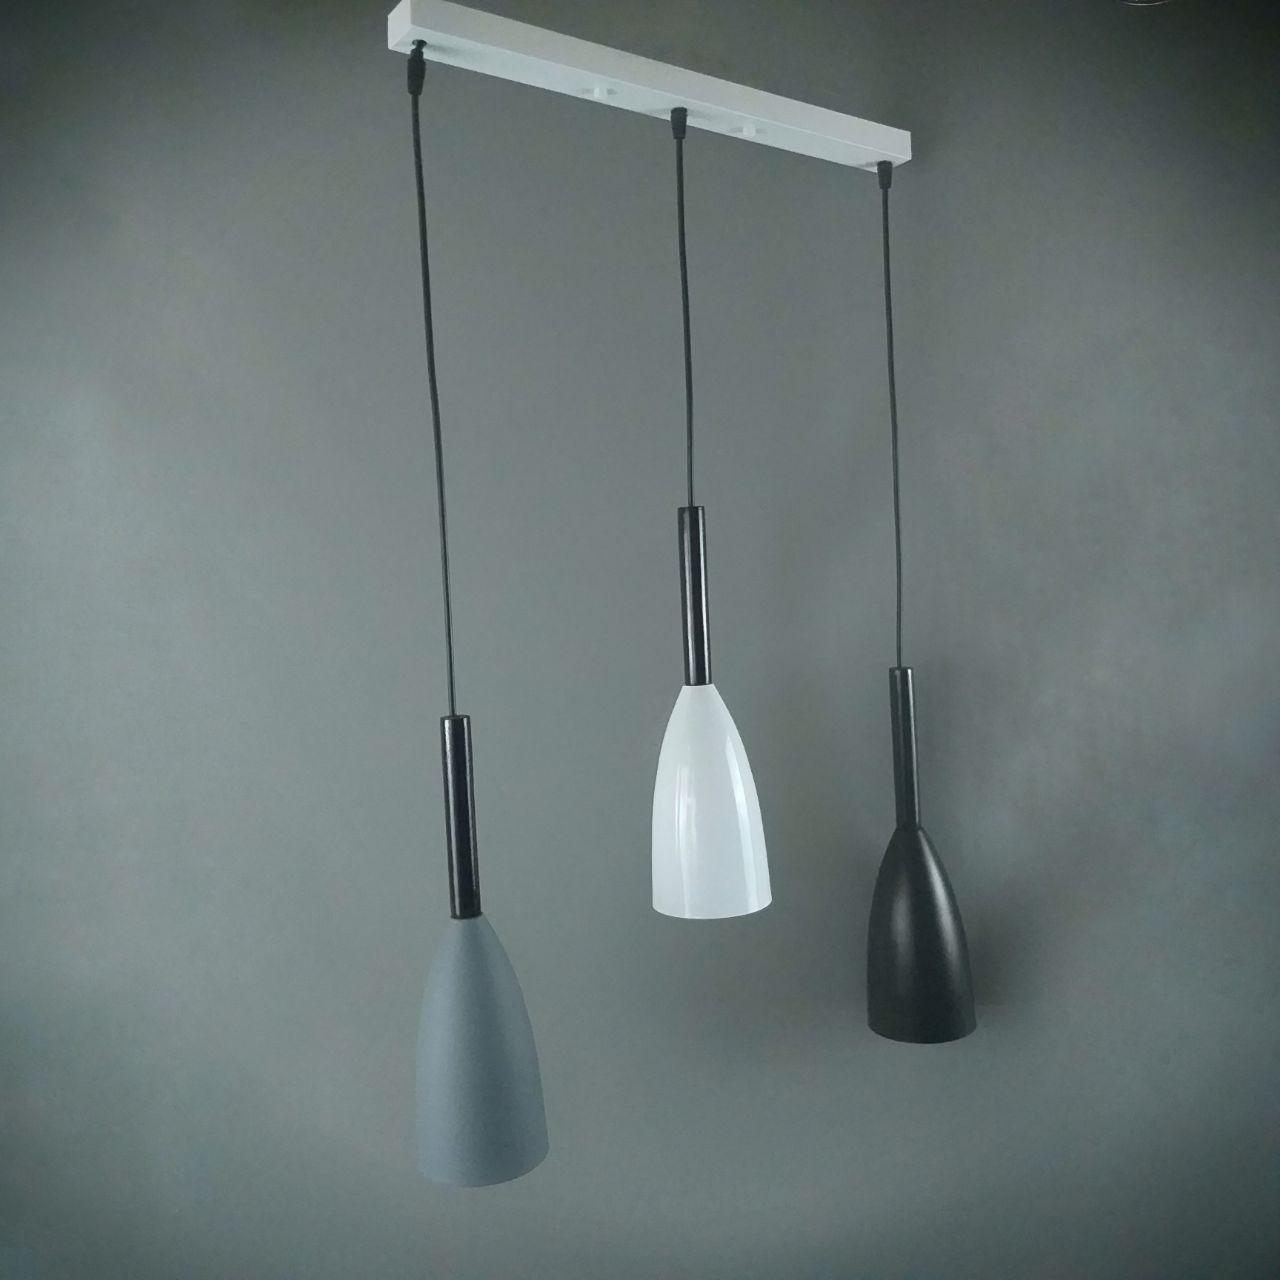 Люстра подвесная на три черно- бело- серых плафона с пробковыми вставками 29-X2754/3 WT+MIX